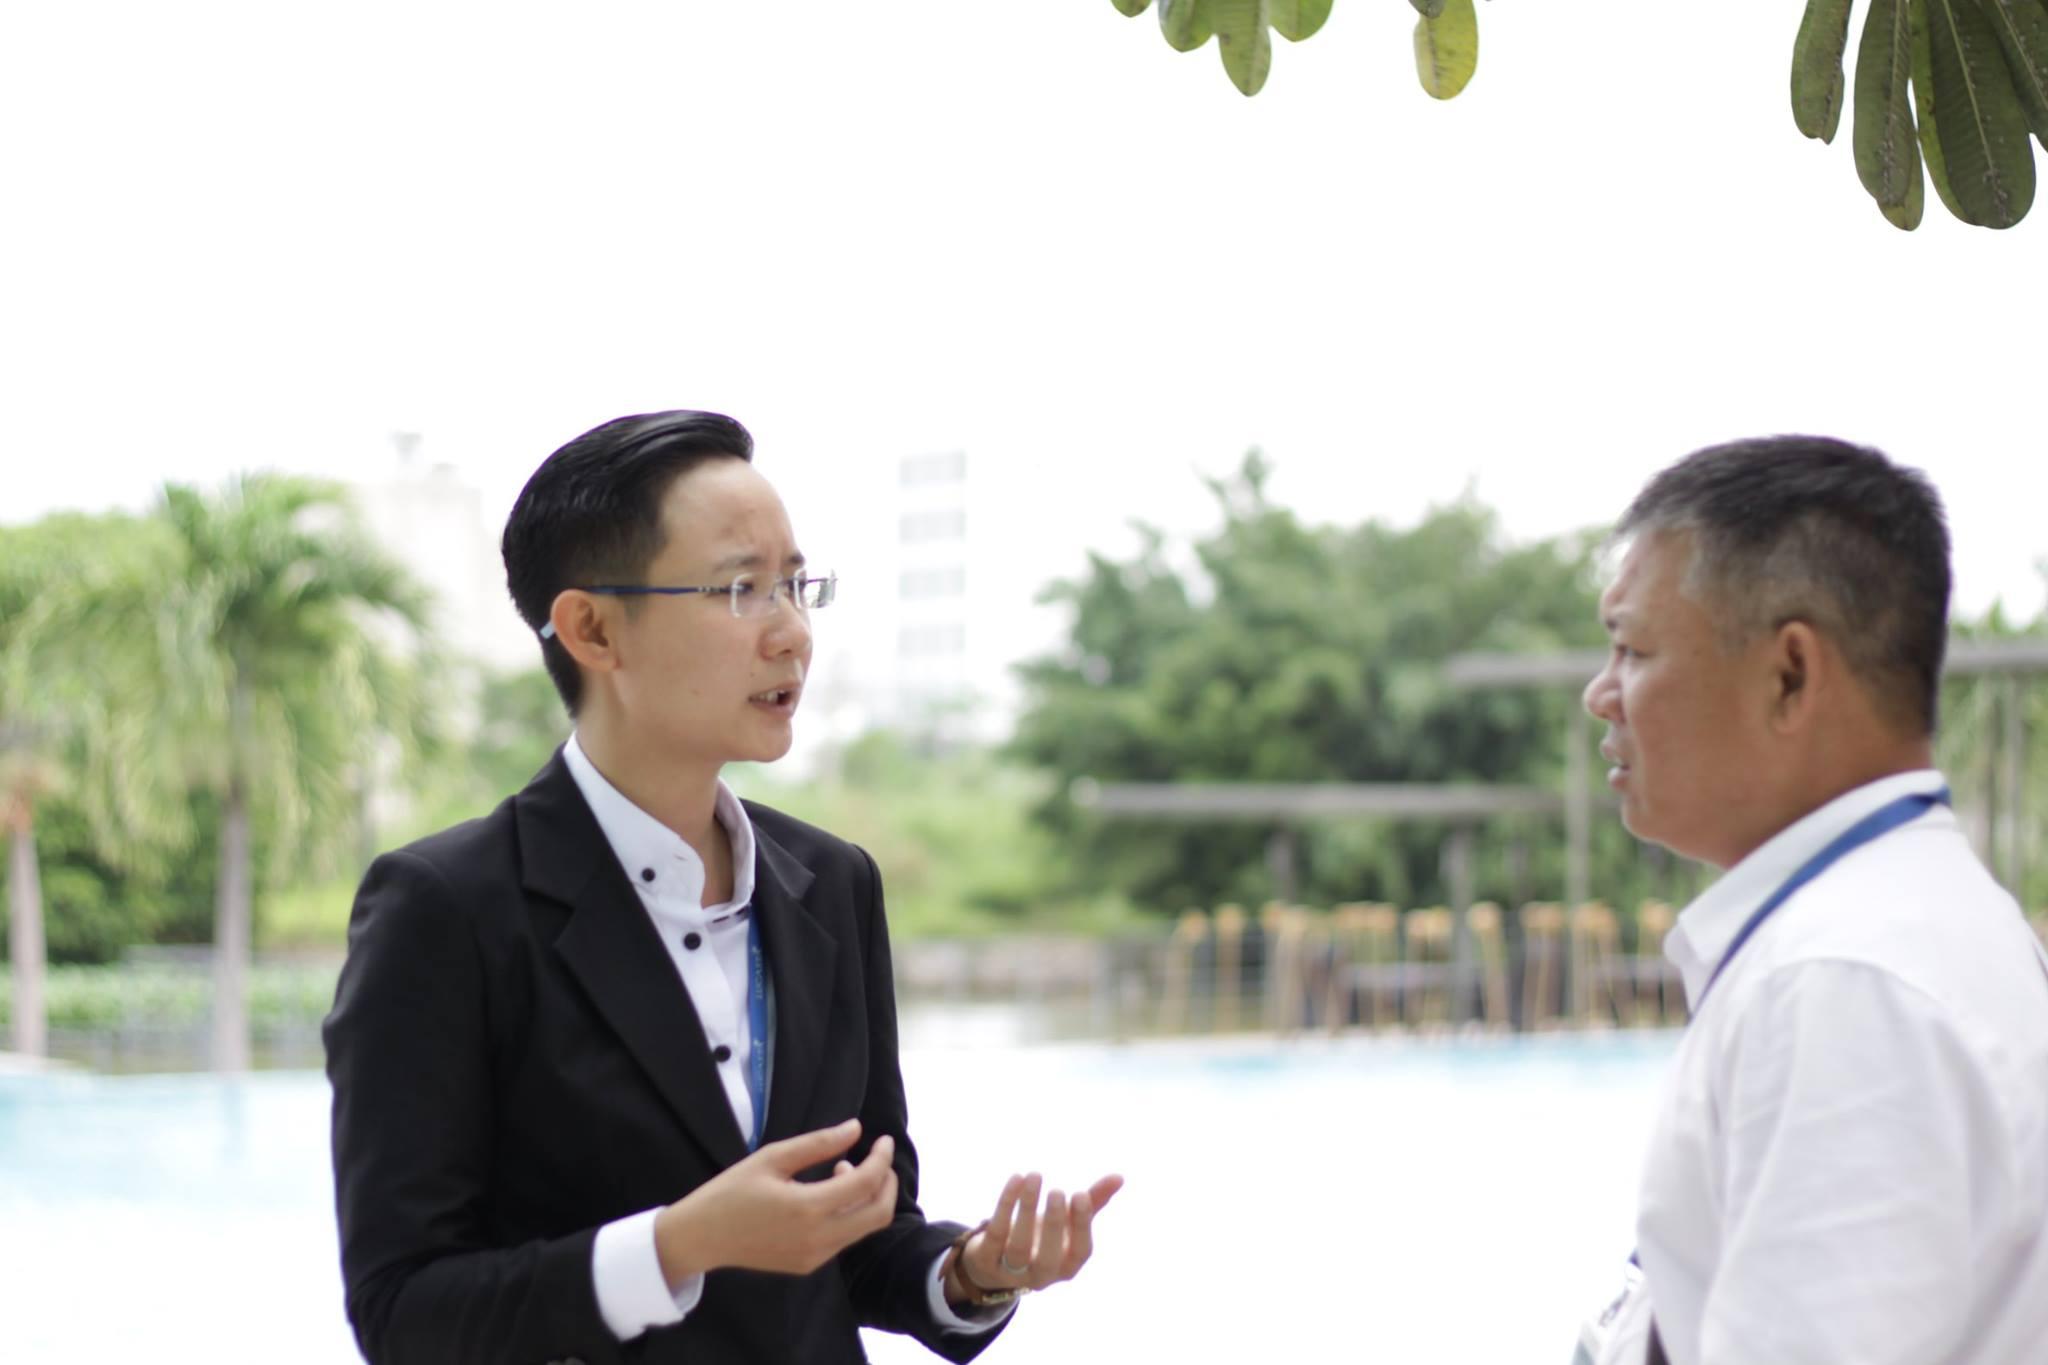 SunlandSG cung cấp đến cho đối tác những thông tin quan trọng tại dự án